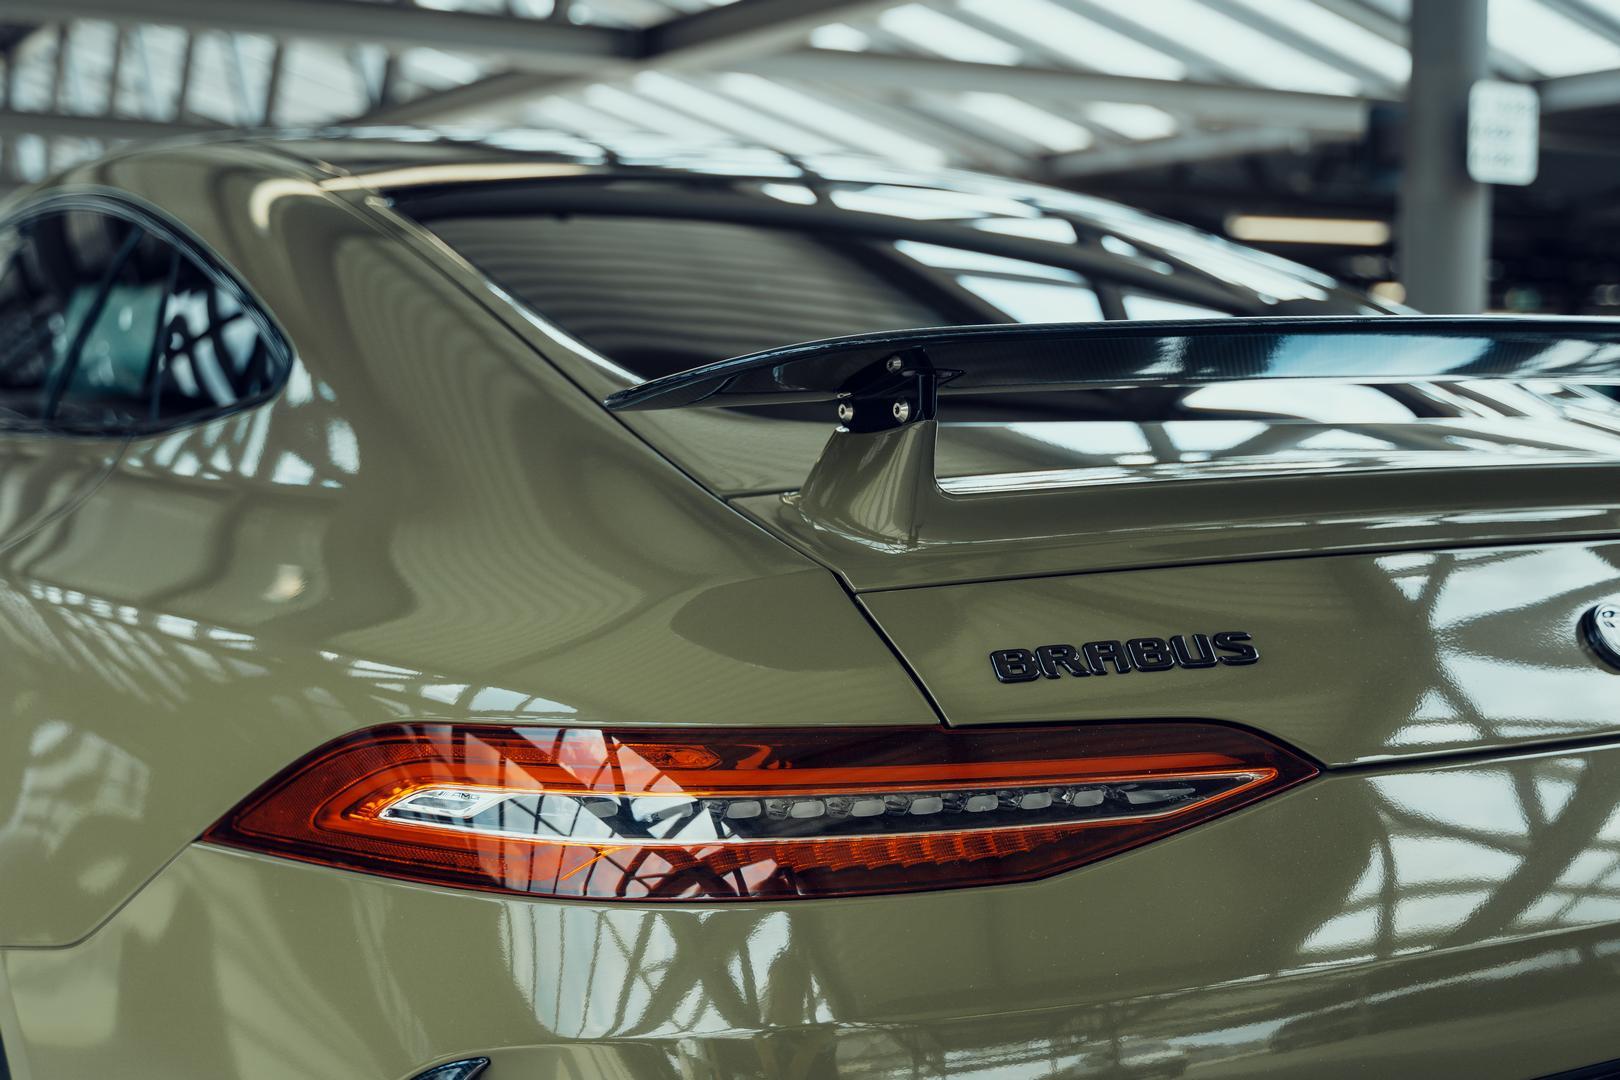 Brabus GT800 rear lights